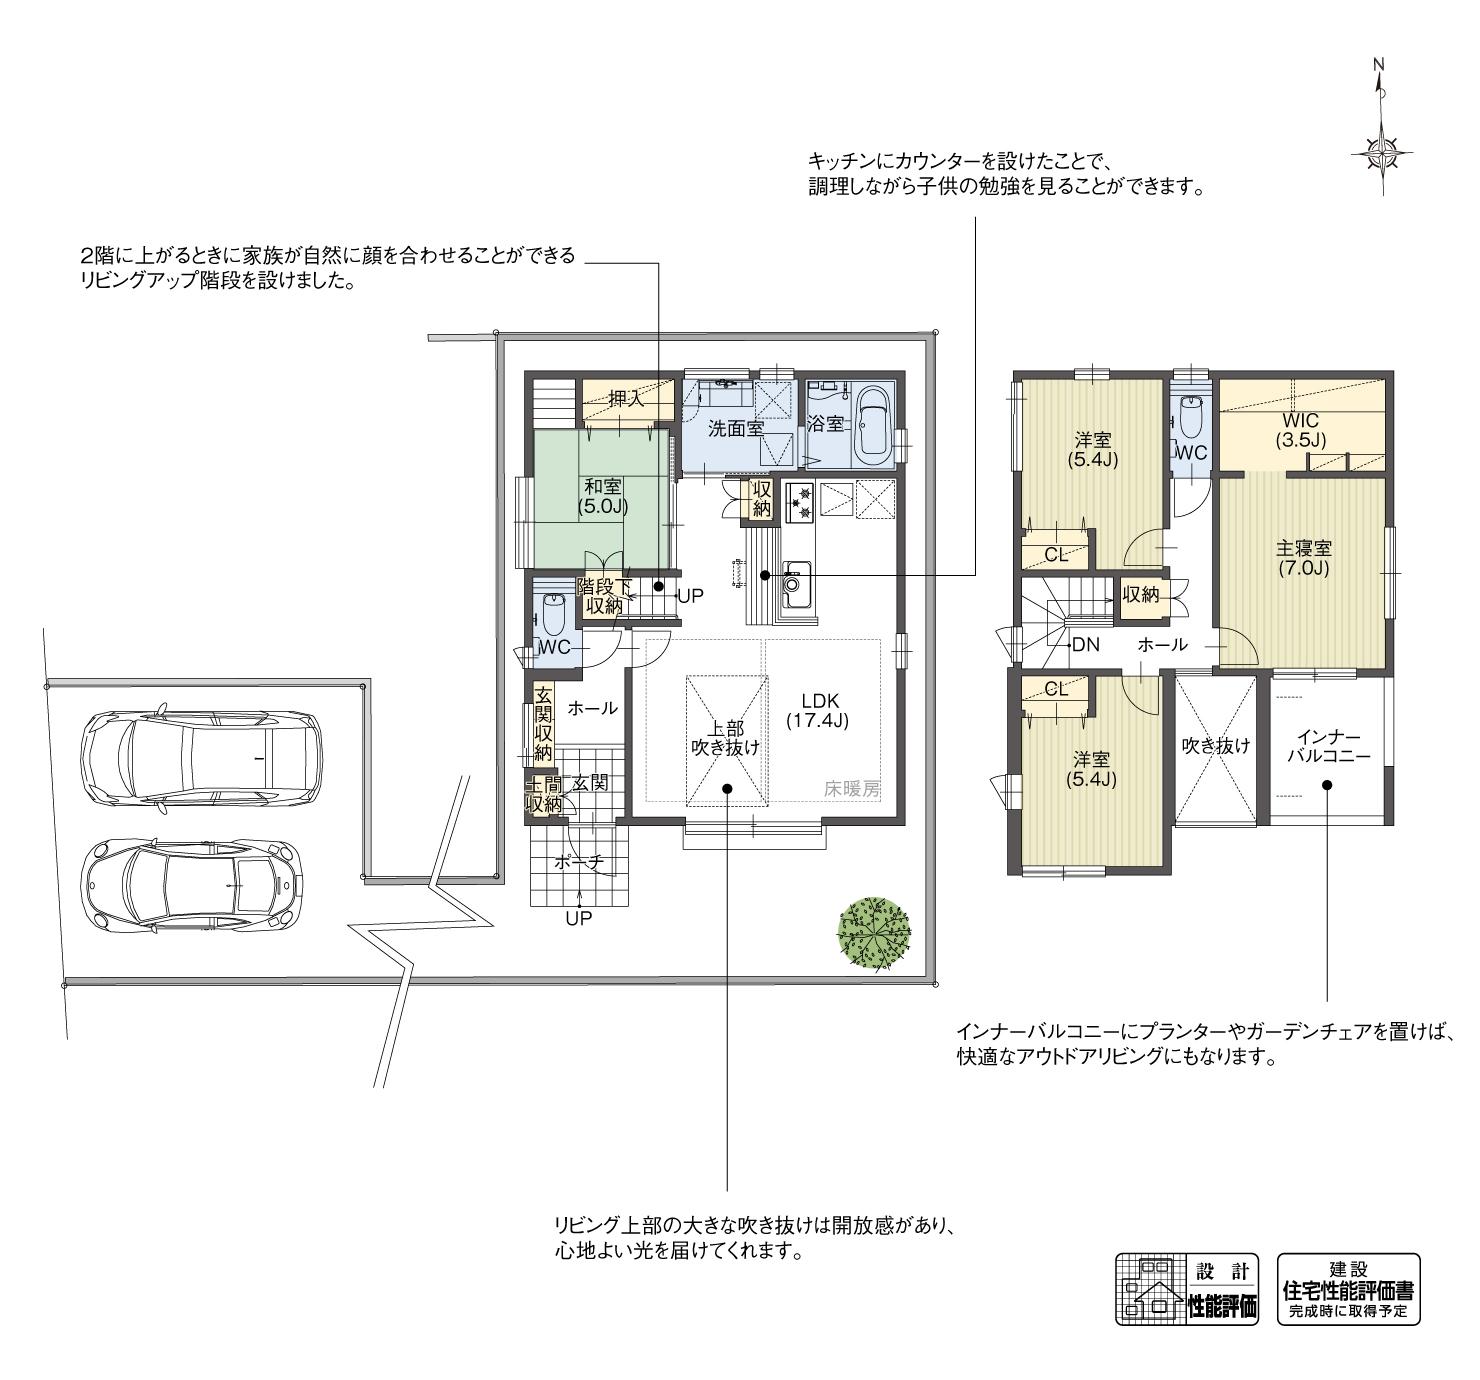 5_間取図_plan2_北名古屋市鹿田北蒲屋敷2